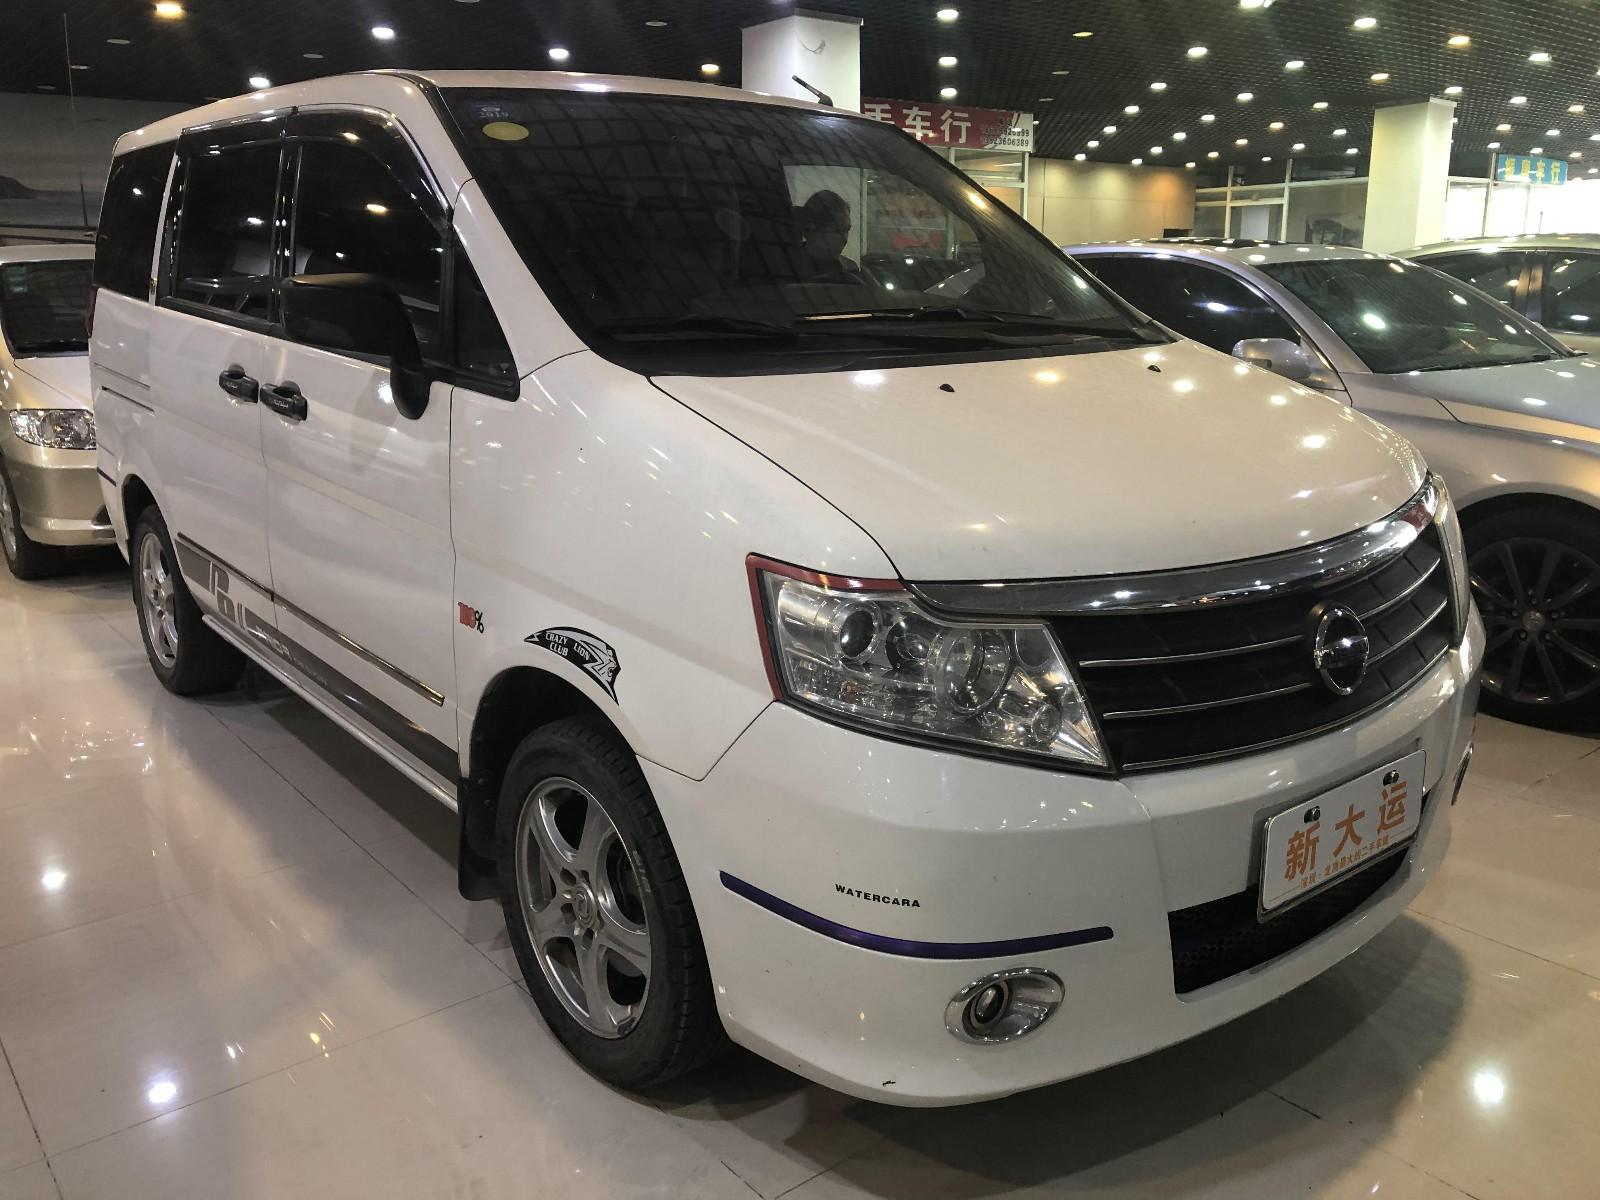 东风 帅客 2014款 1.6L 手动舒适型7座 国IV